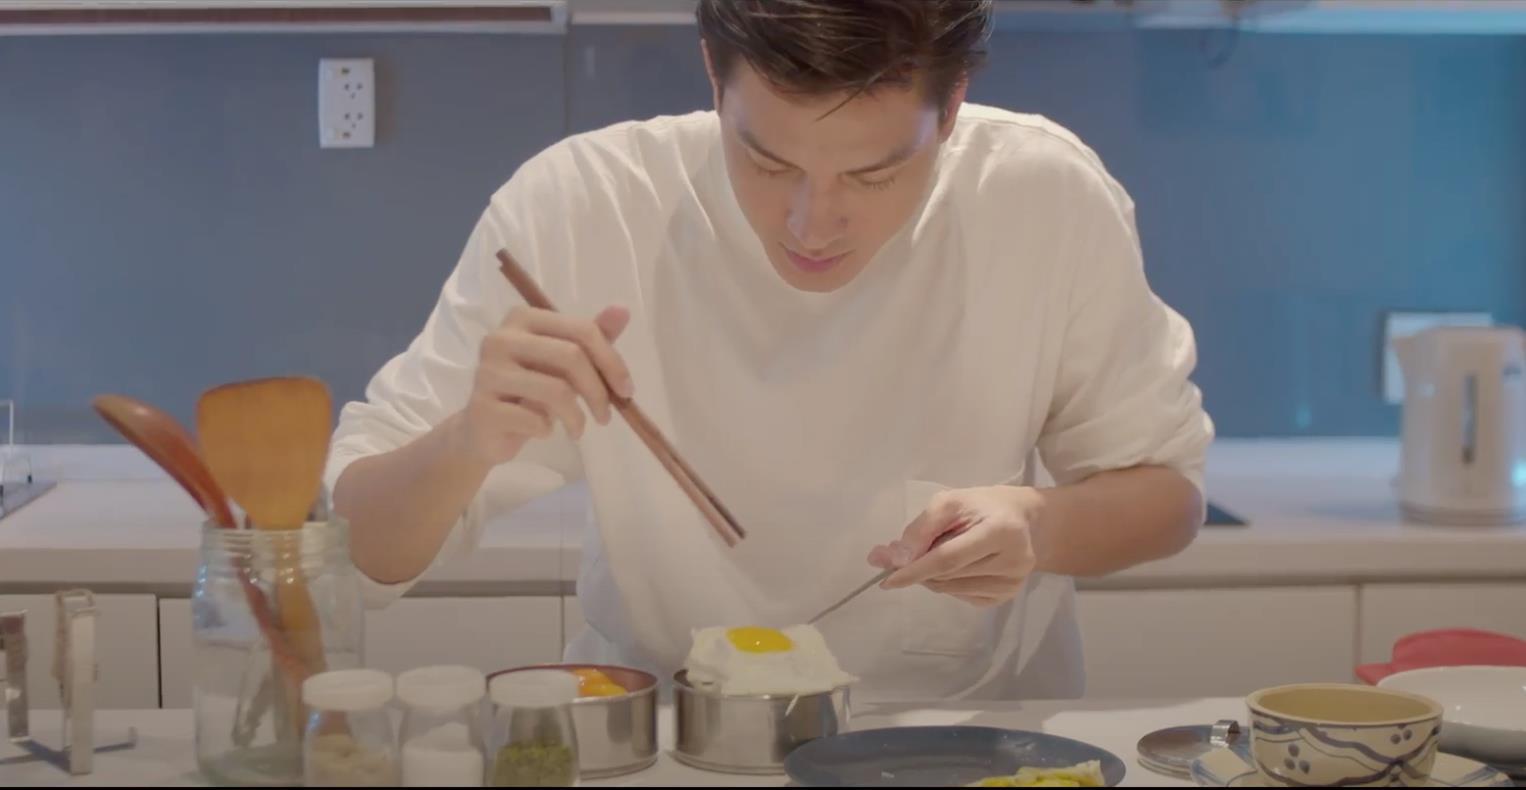 Chẳng phải fan girl cũng bị Quang Đại đốn tim sau loạt hành động ngọt ngào trong video sống xanh cùng Trang Olive - Ảnh 3.